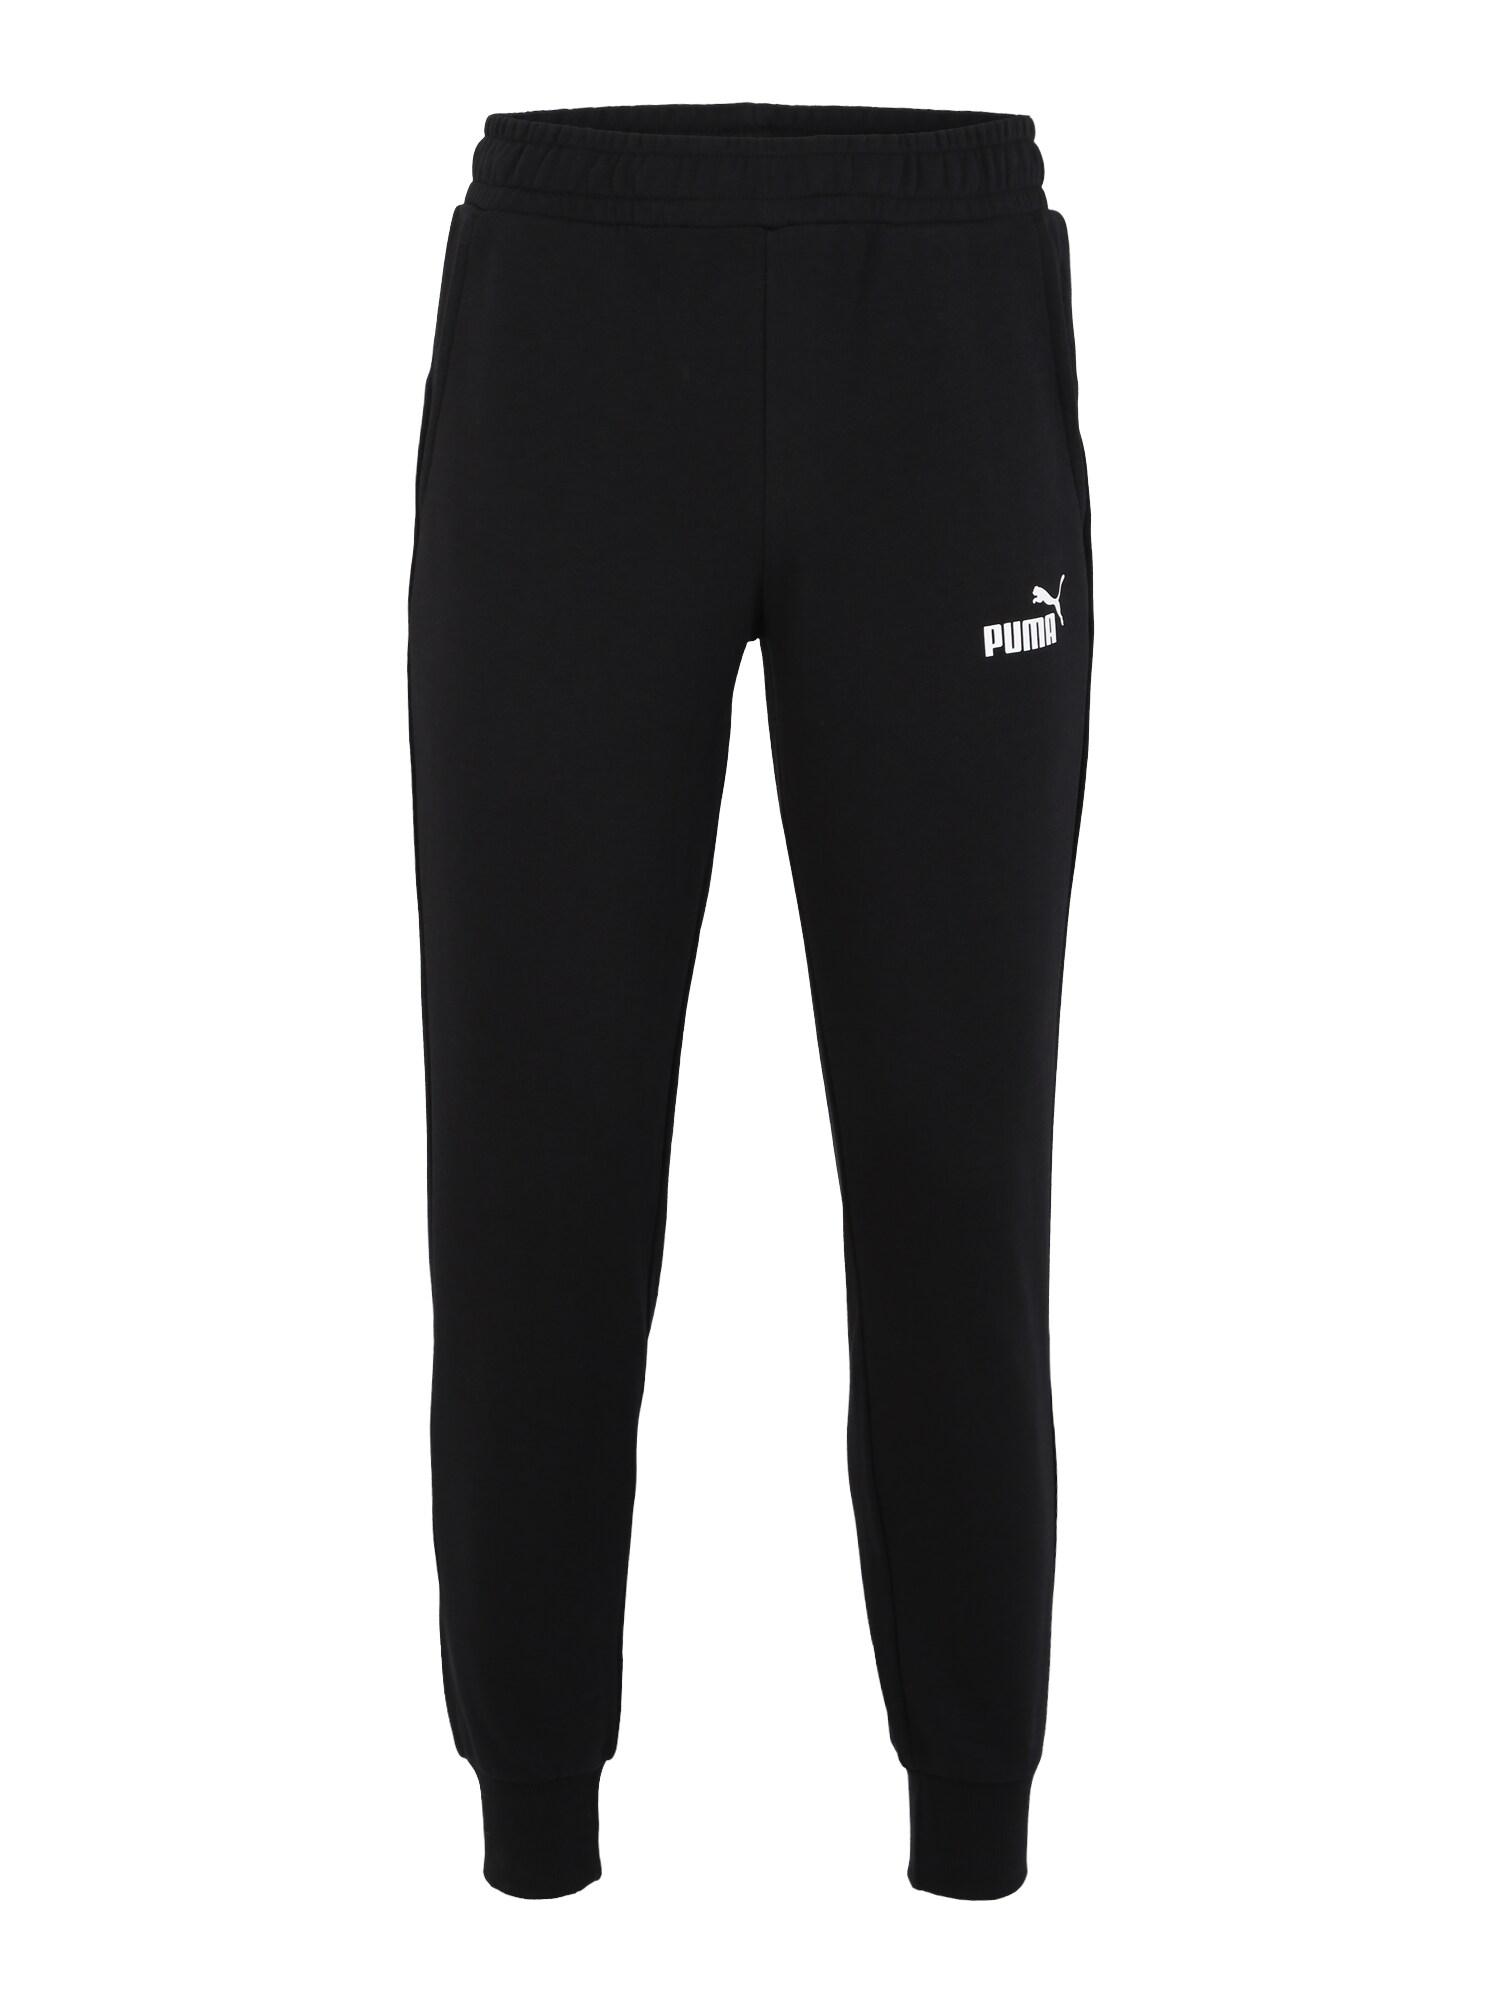 PUMA Sportinės kelnės balta / juoda